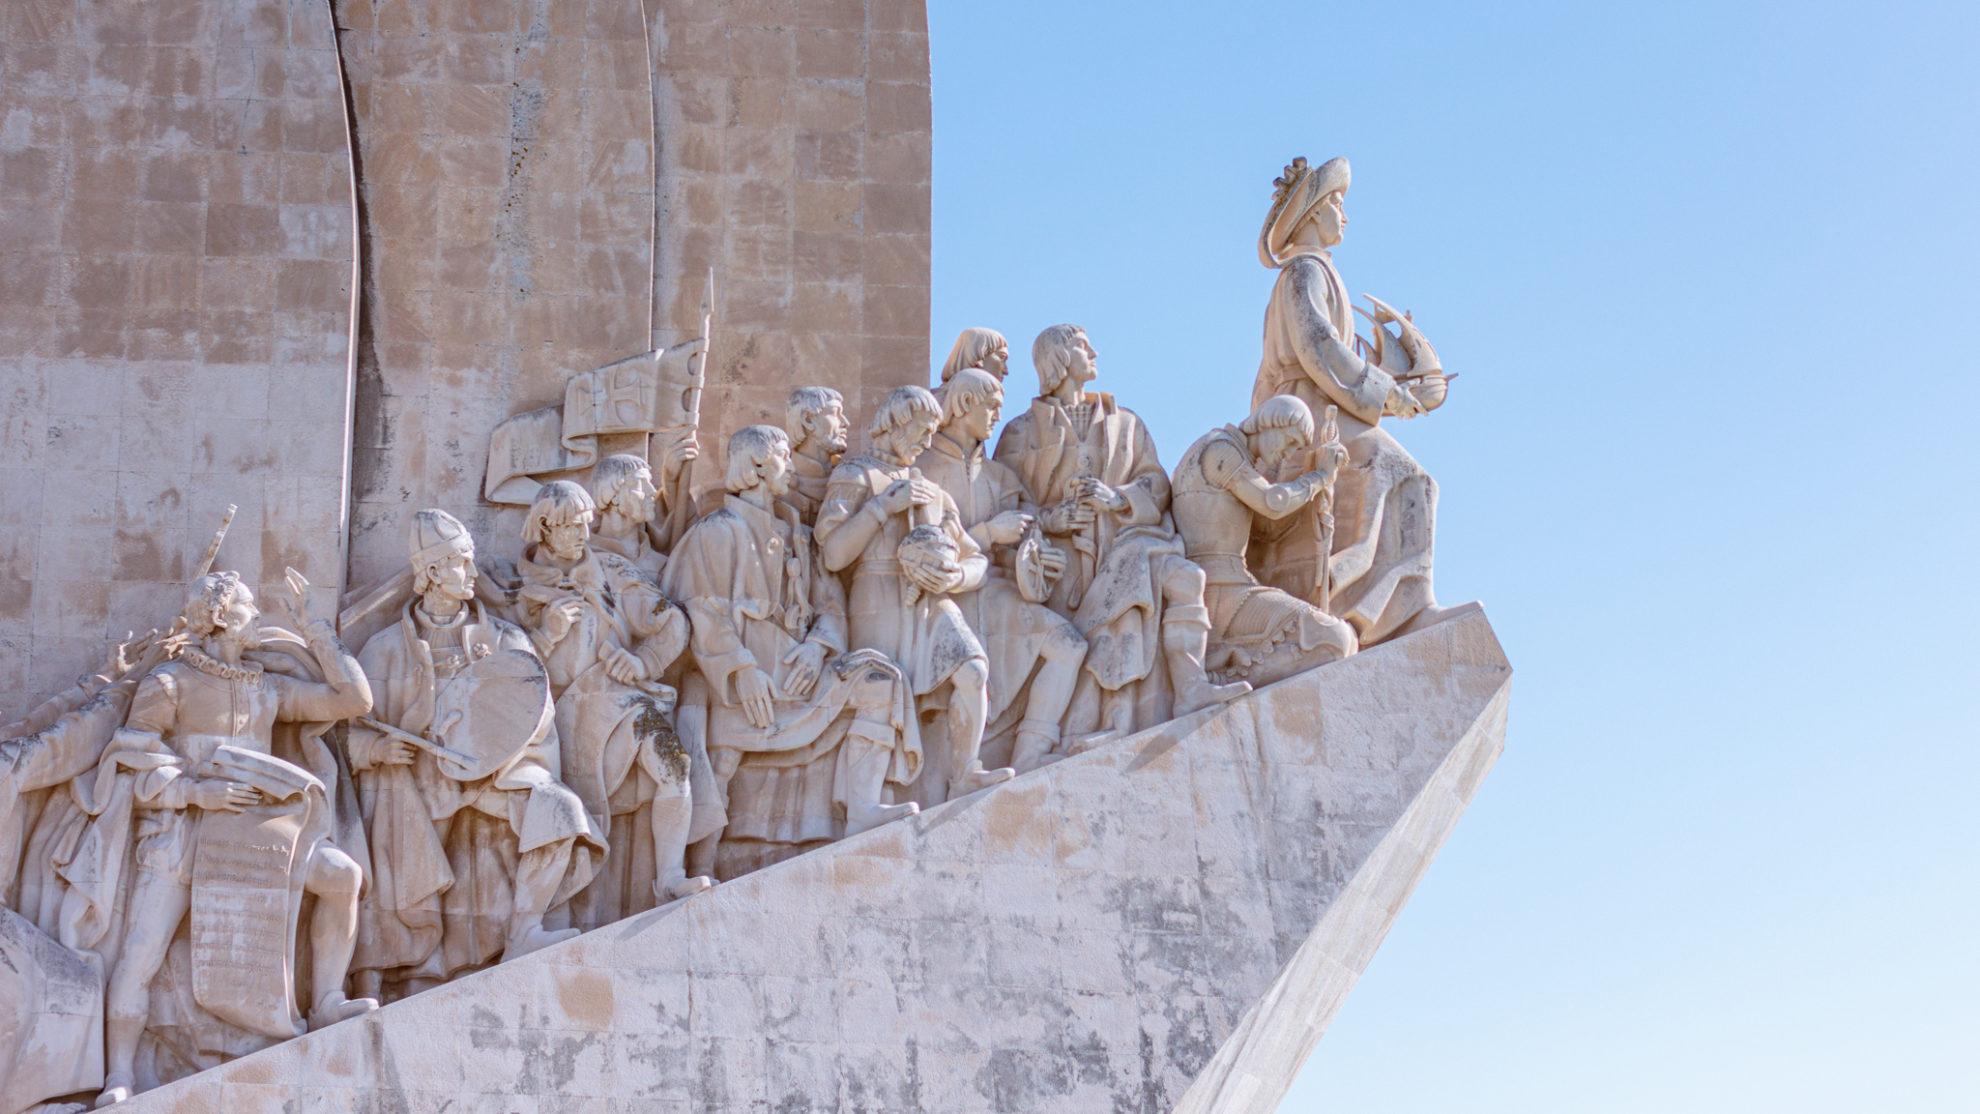 Westliche Ansicht des Denkmals der Entdeckungen, dass verschiedene wichtige Persönlichkeiten Portugals zeigt